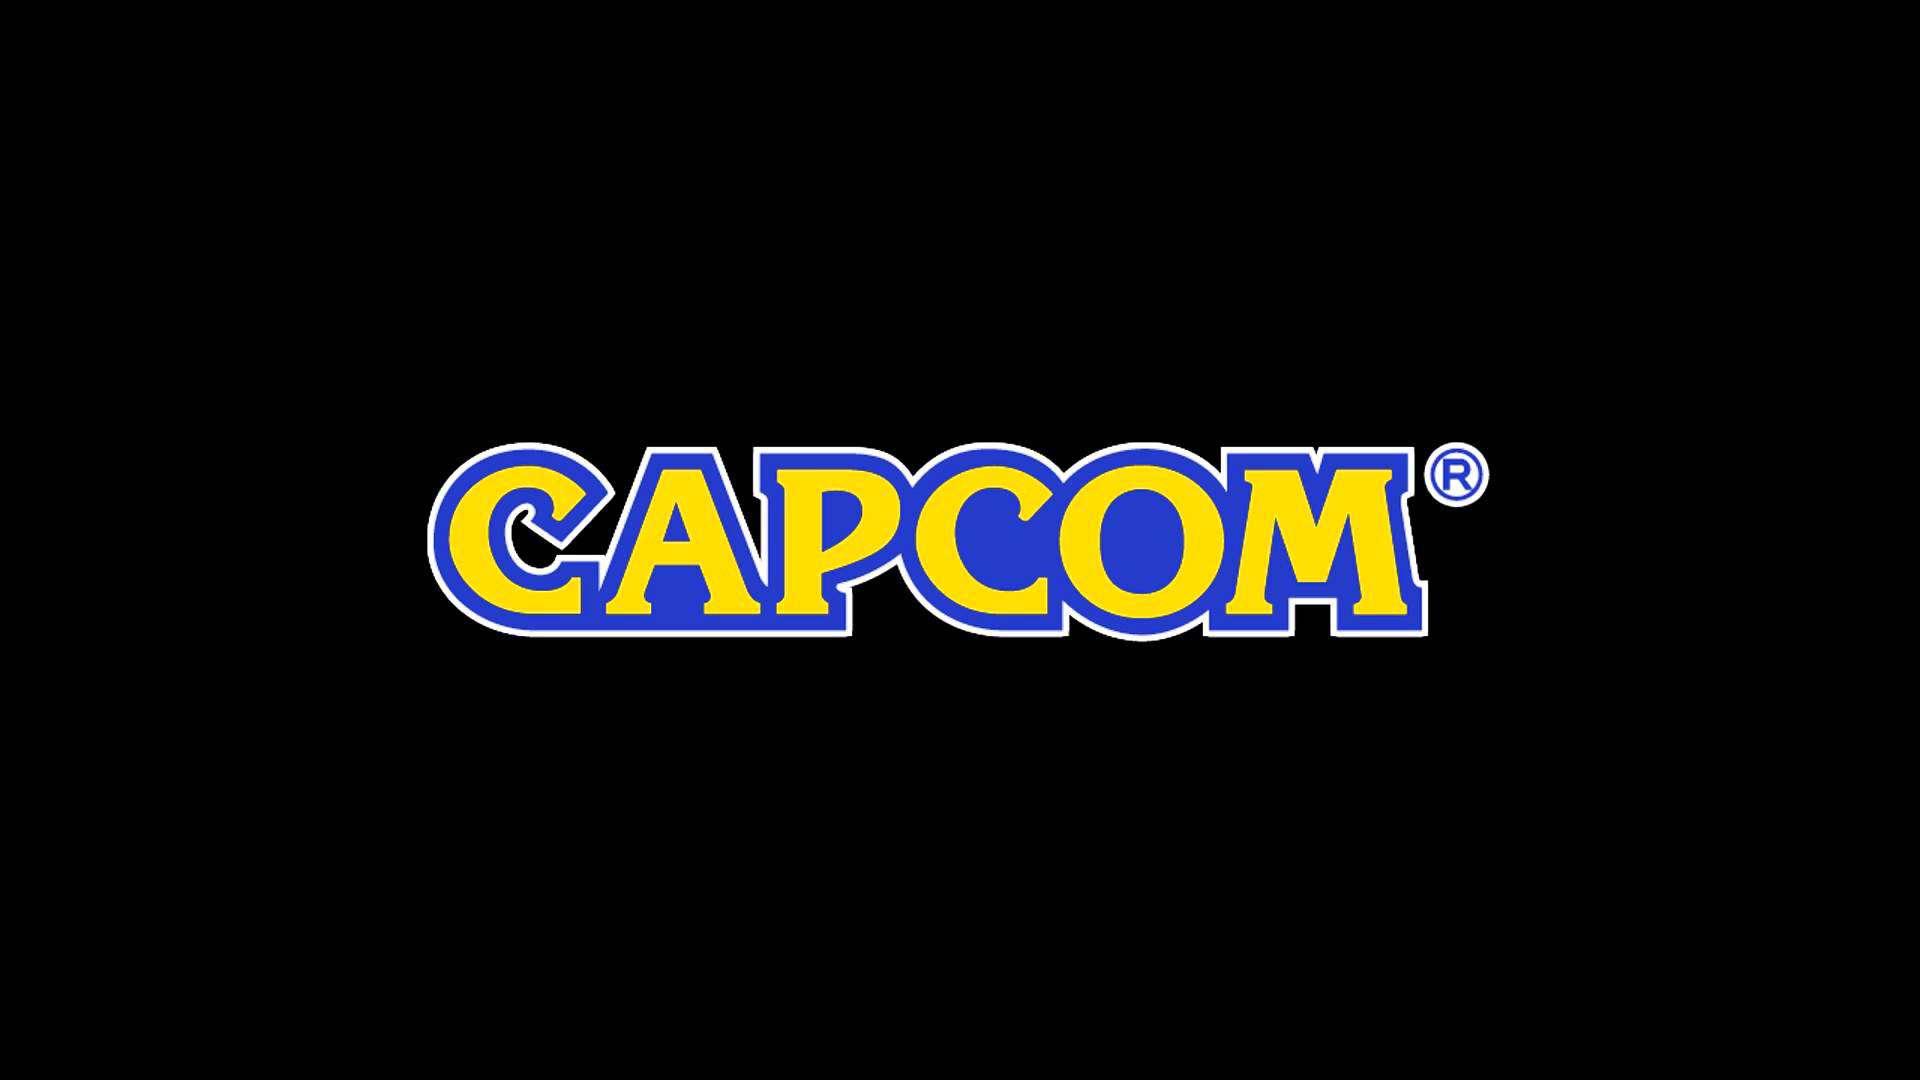 Capcom-ticgn